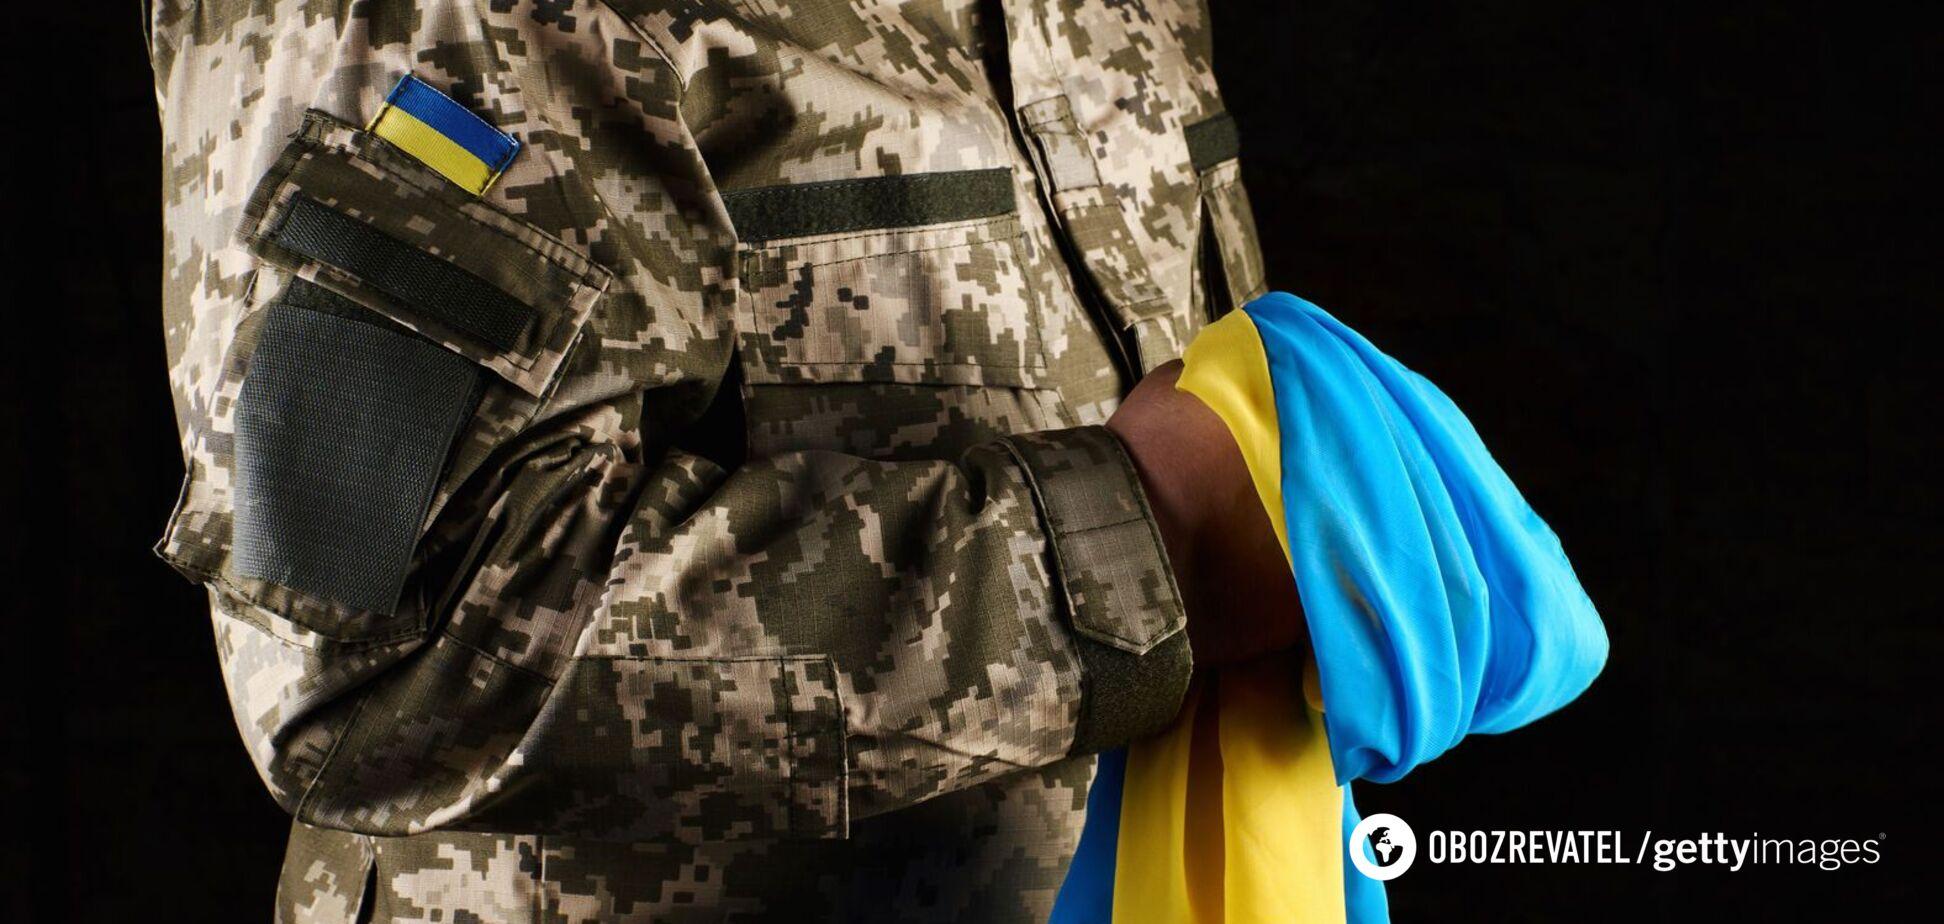 Образ ветерана війни в українському суспільстві